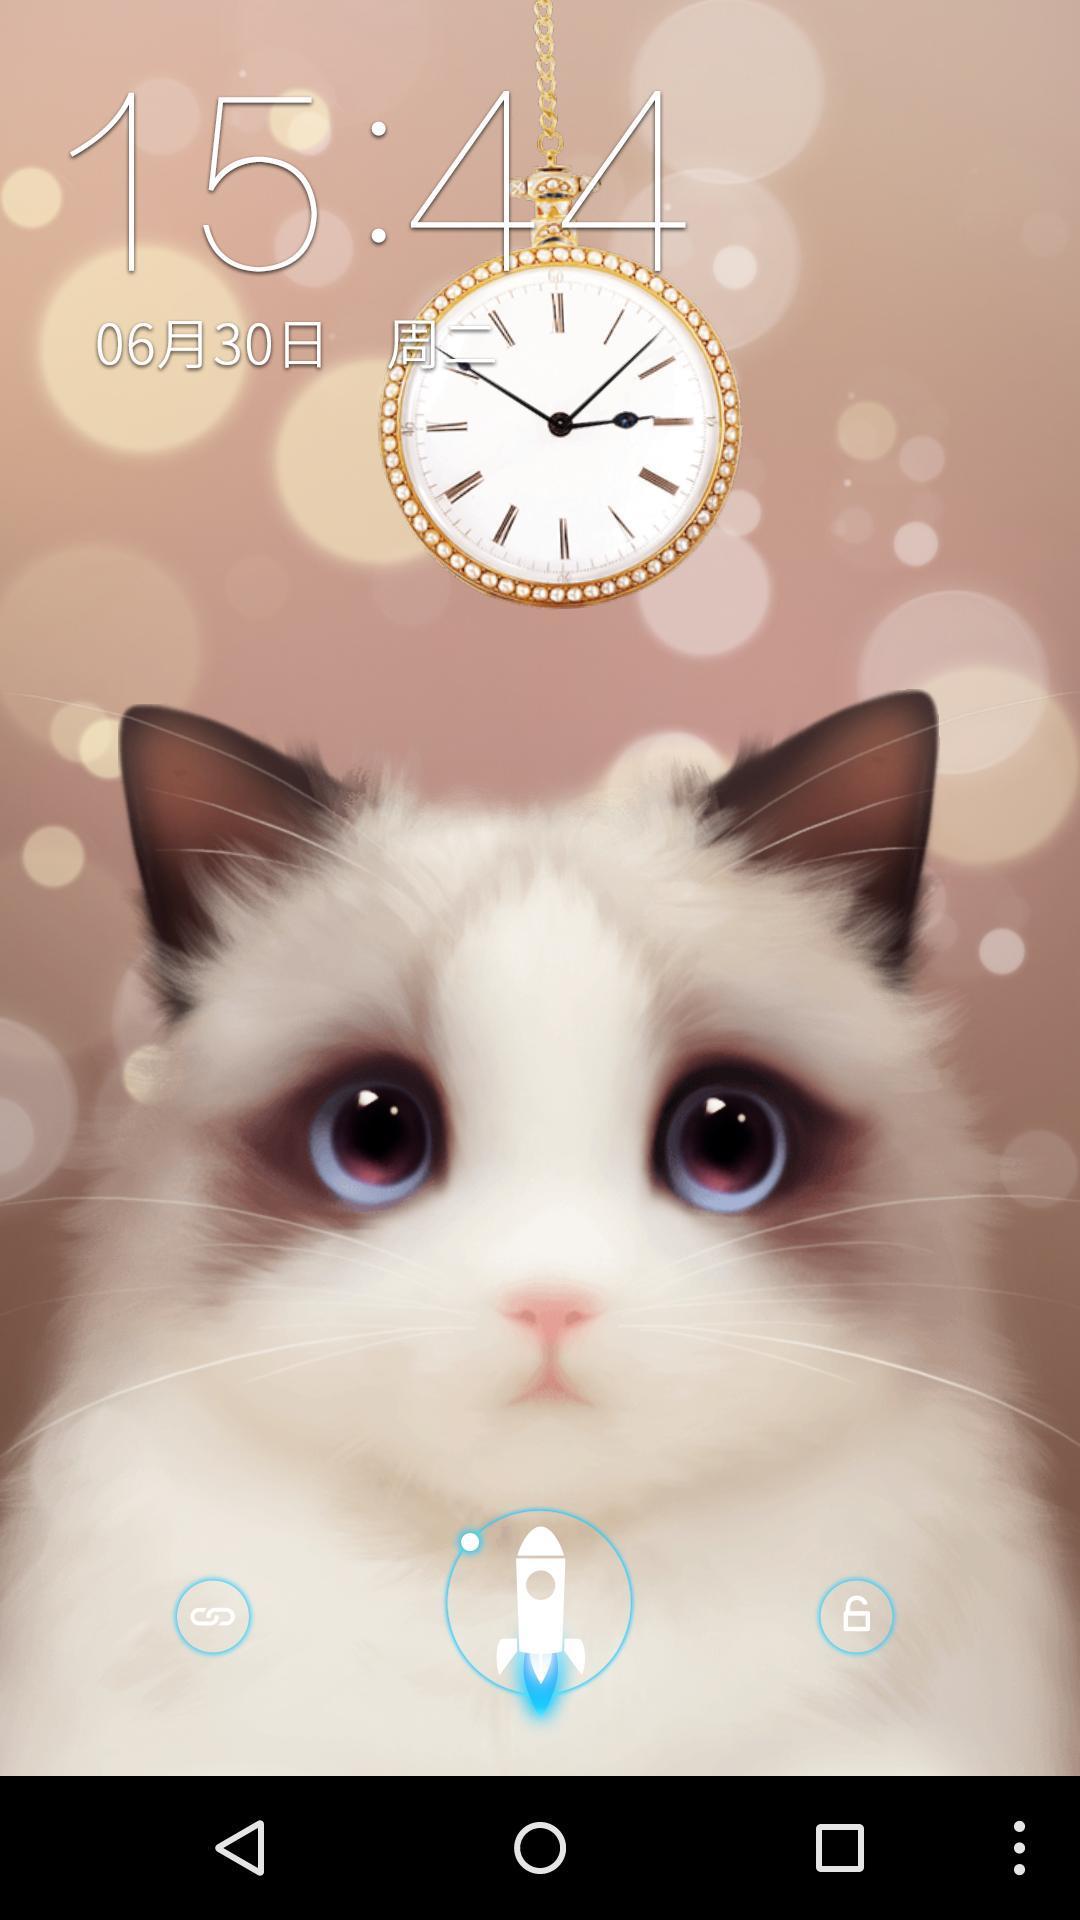 布偶猫-梦象动态壁纸 v1.4.13